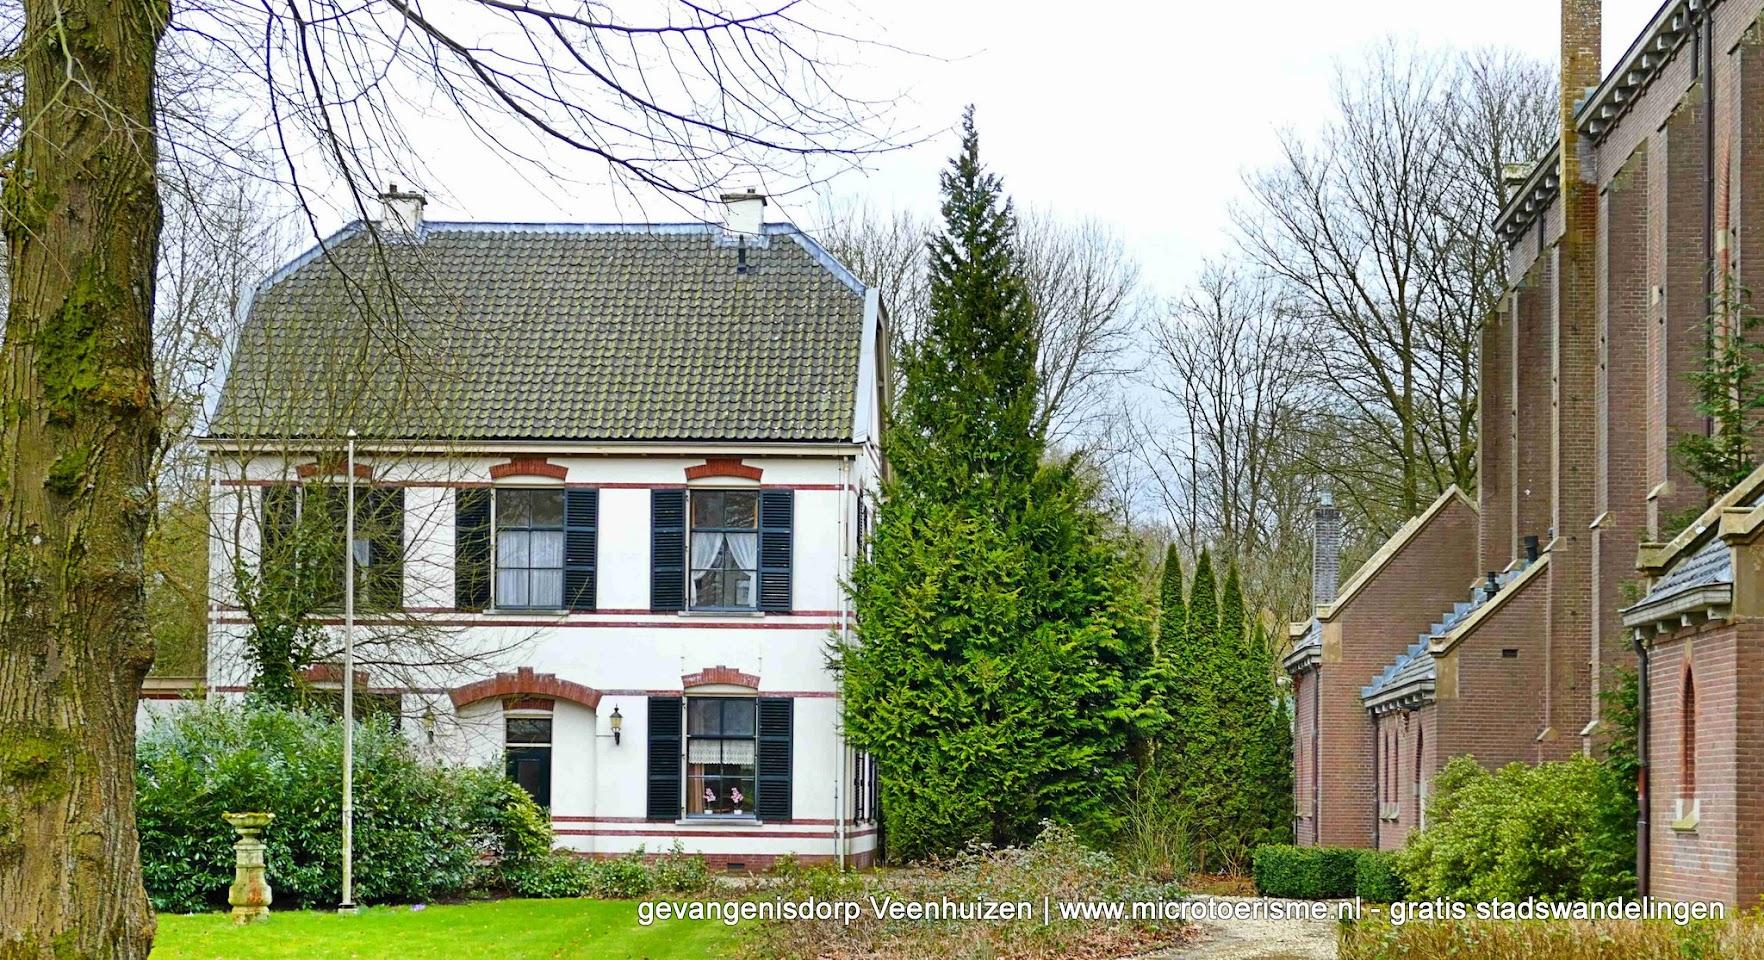 Aangeboden door: Stichting Microtoerisme InZicht Fotoblog Veenhuizen Pastorie